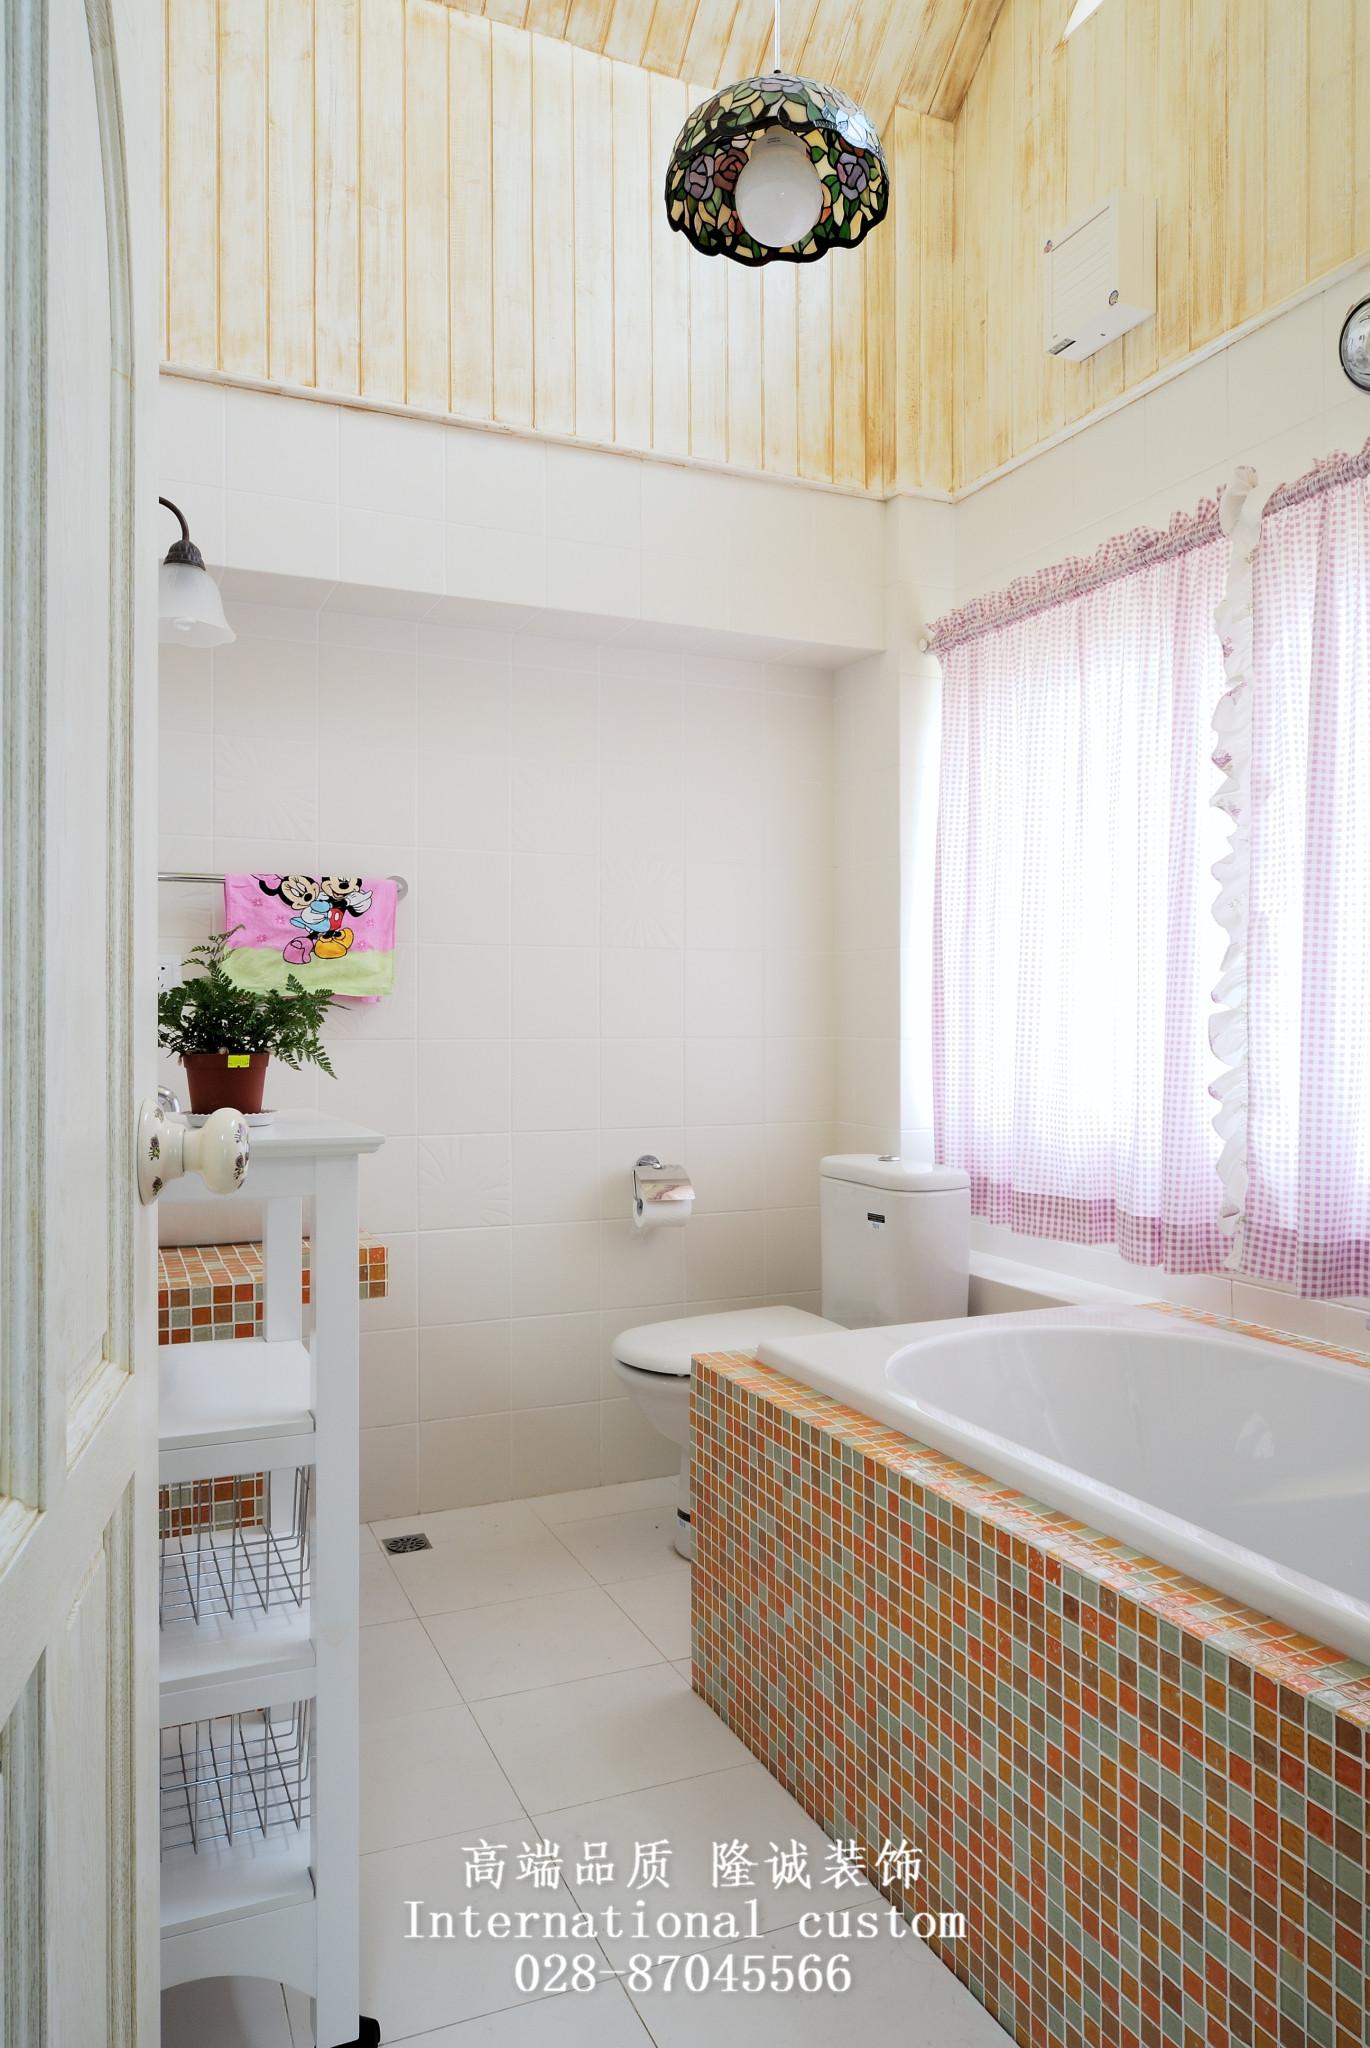 田园 英式 温馨 舒适 复式 收纳 儿童房图片来自fy1831303388在西贵堂的分享